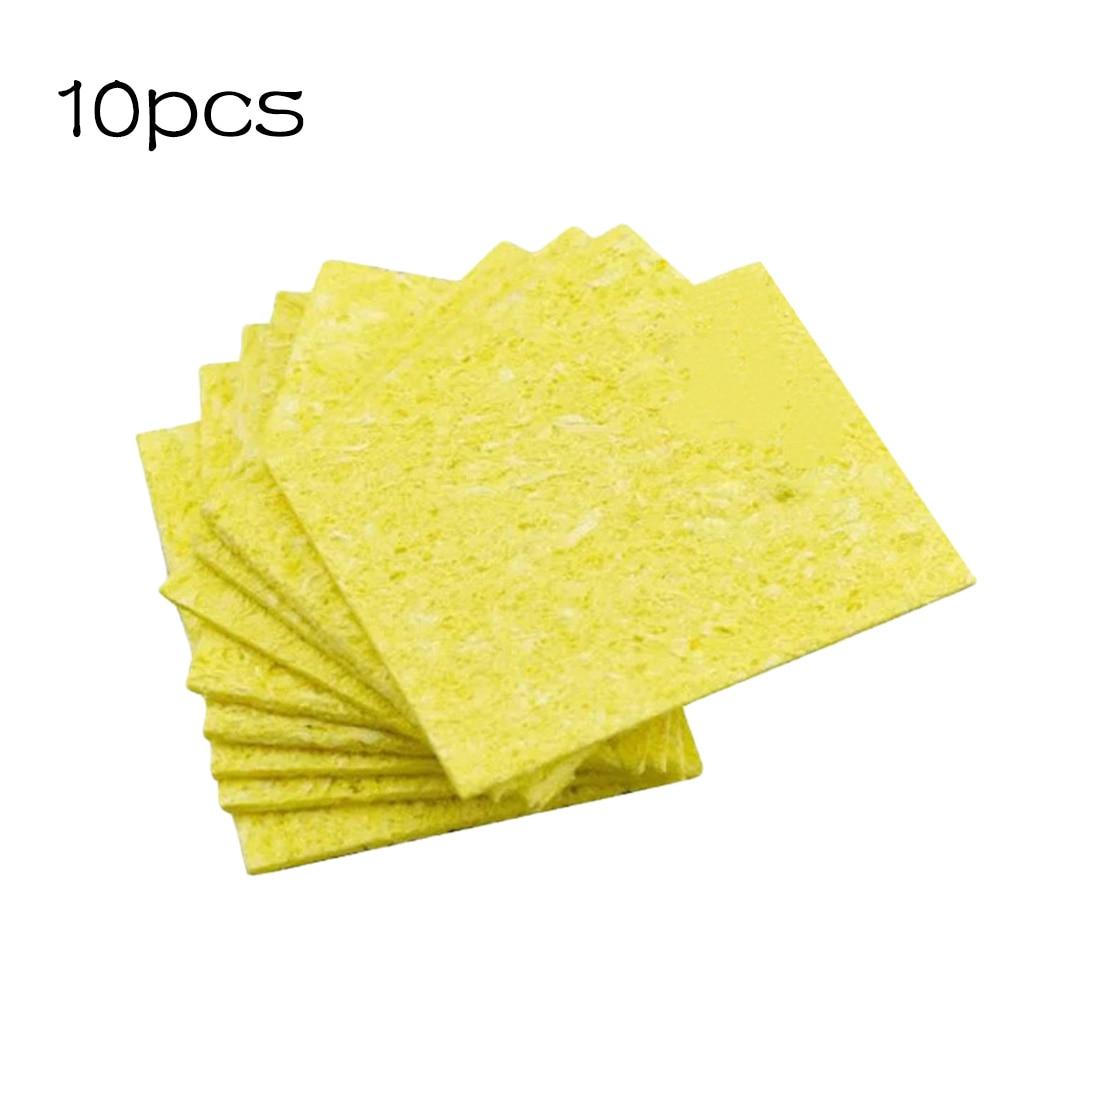 Hot 10pcs High Temperature Resistant Heatstable Solder Thick Sponge Soldering Welding Accessories Soldering Iron Cleaning New